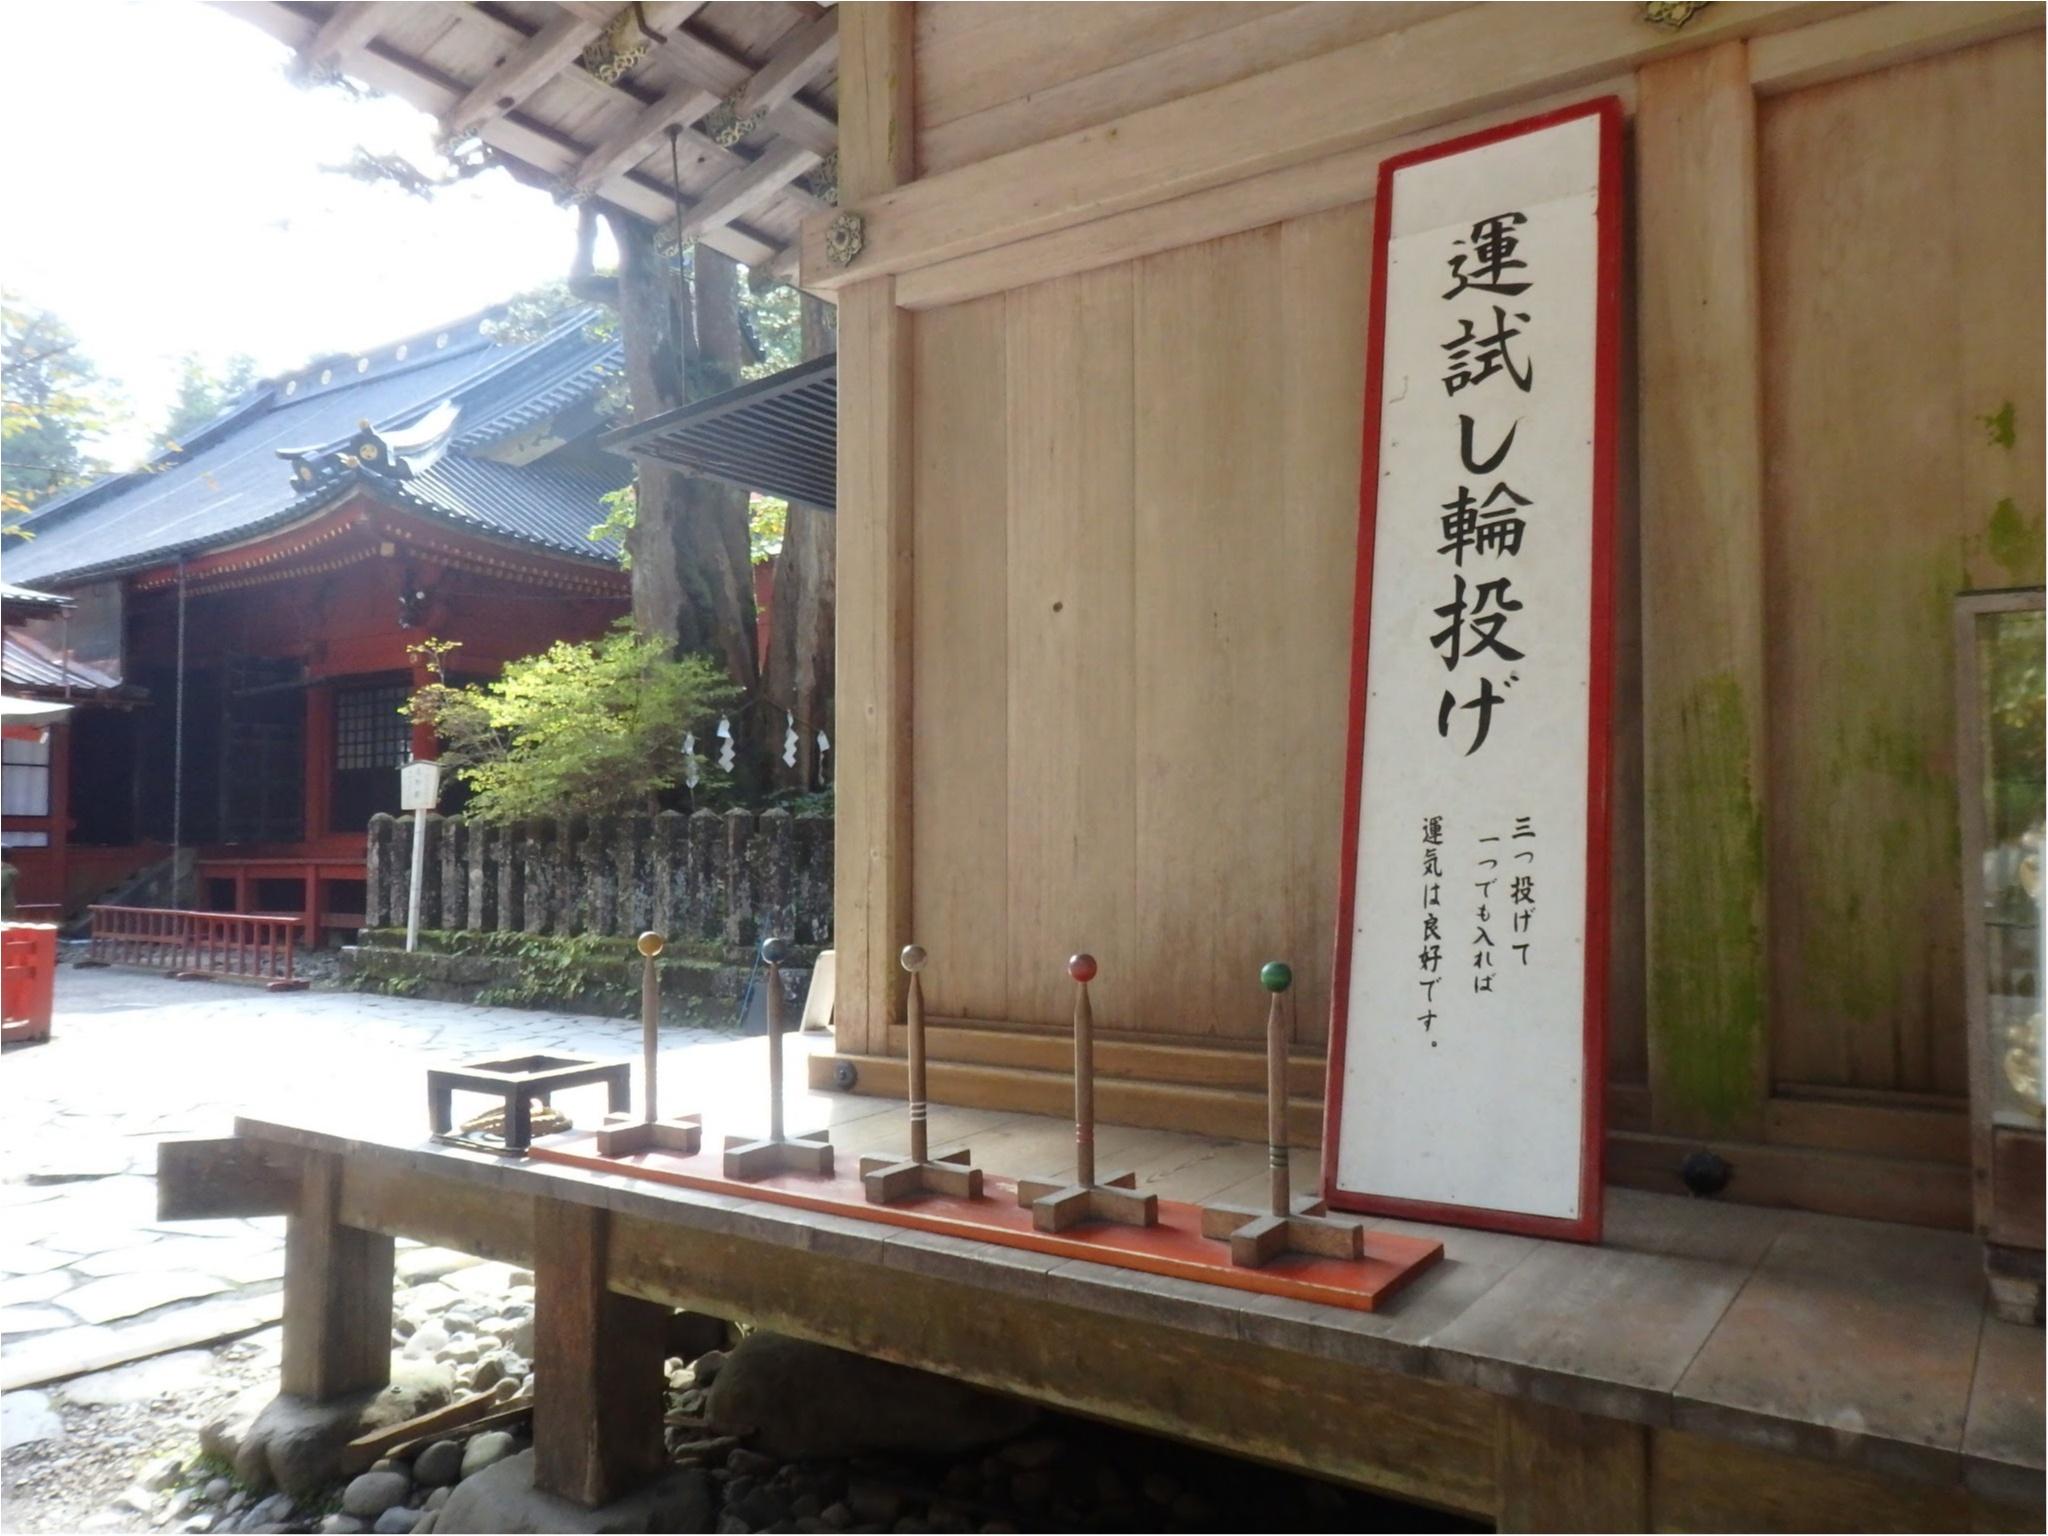 【知らなかった!】日本一楽しめる神社へ潜入してみた_22